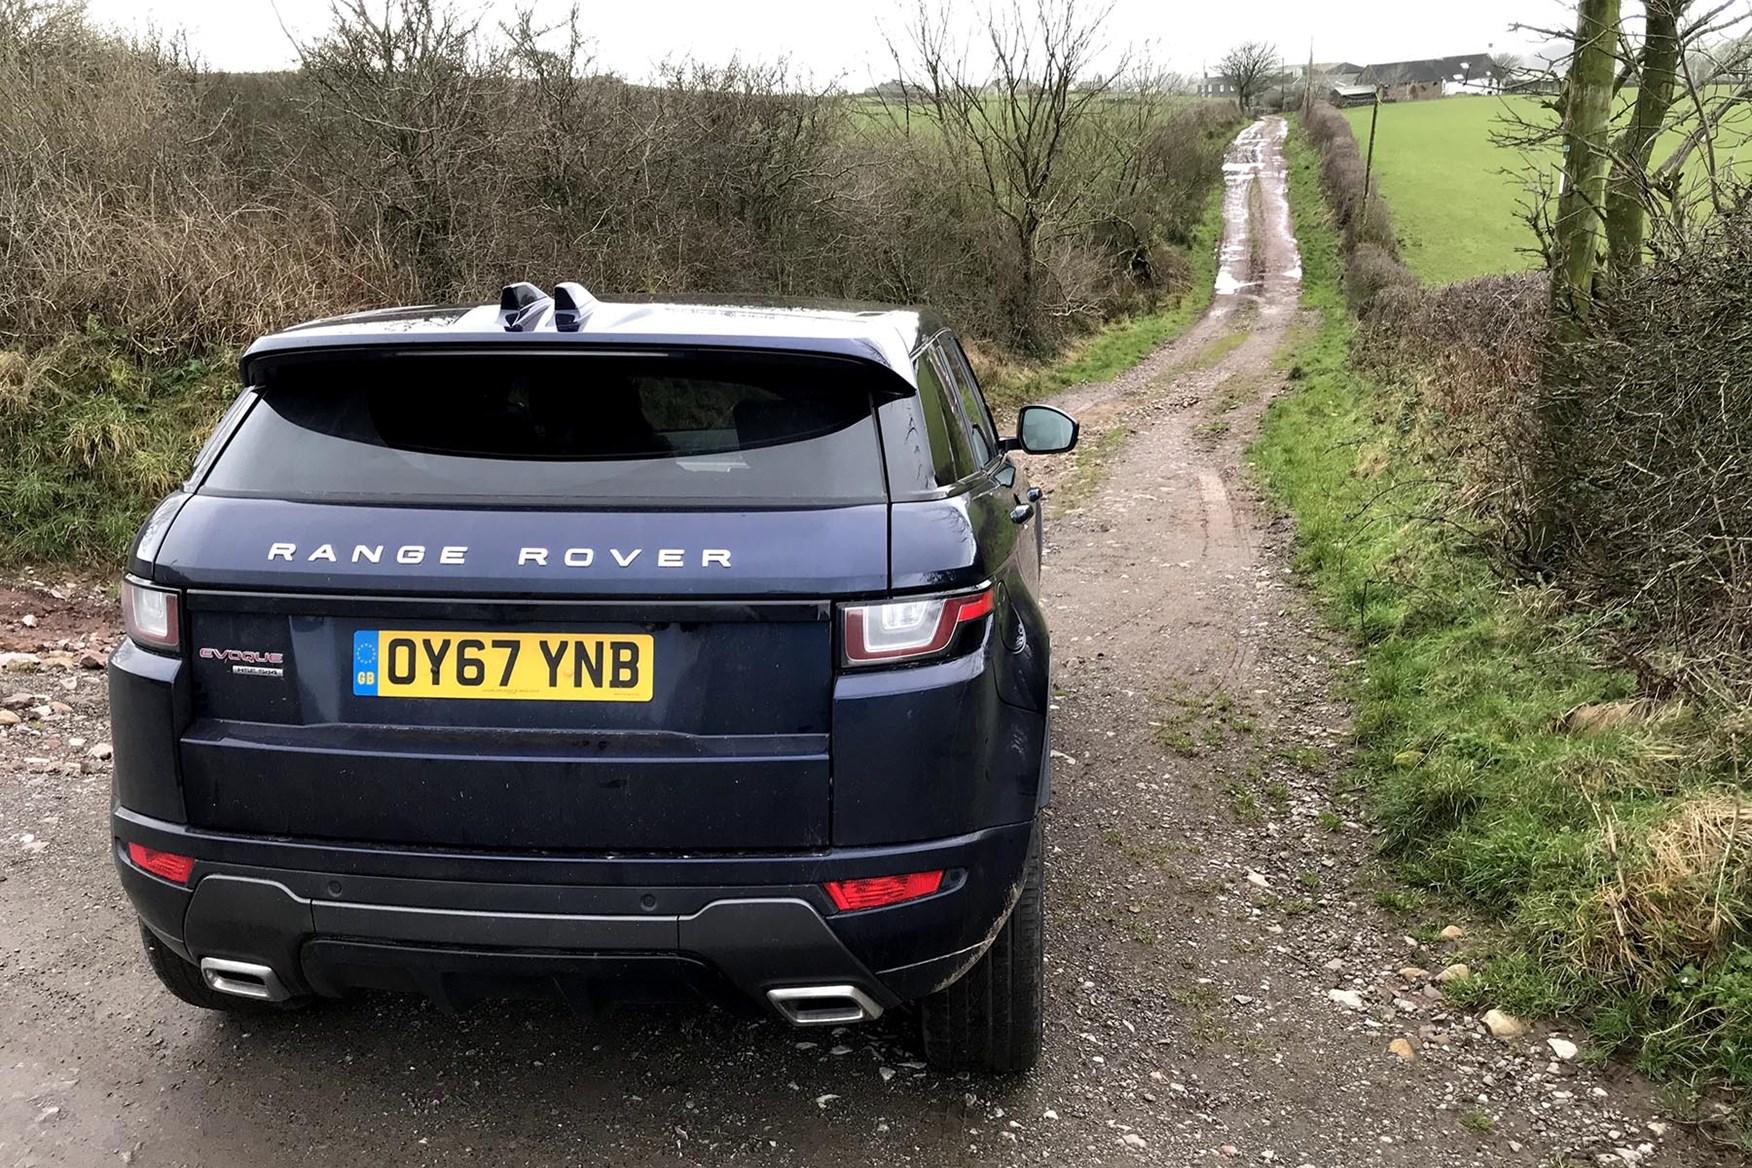 Range Rover Evoque on the lanes